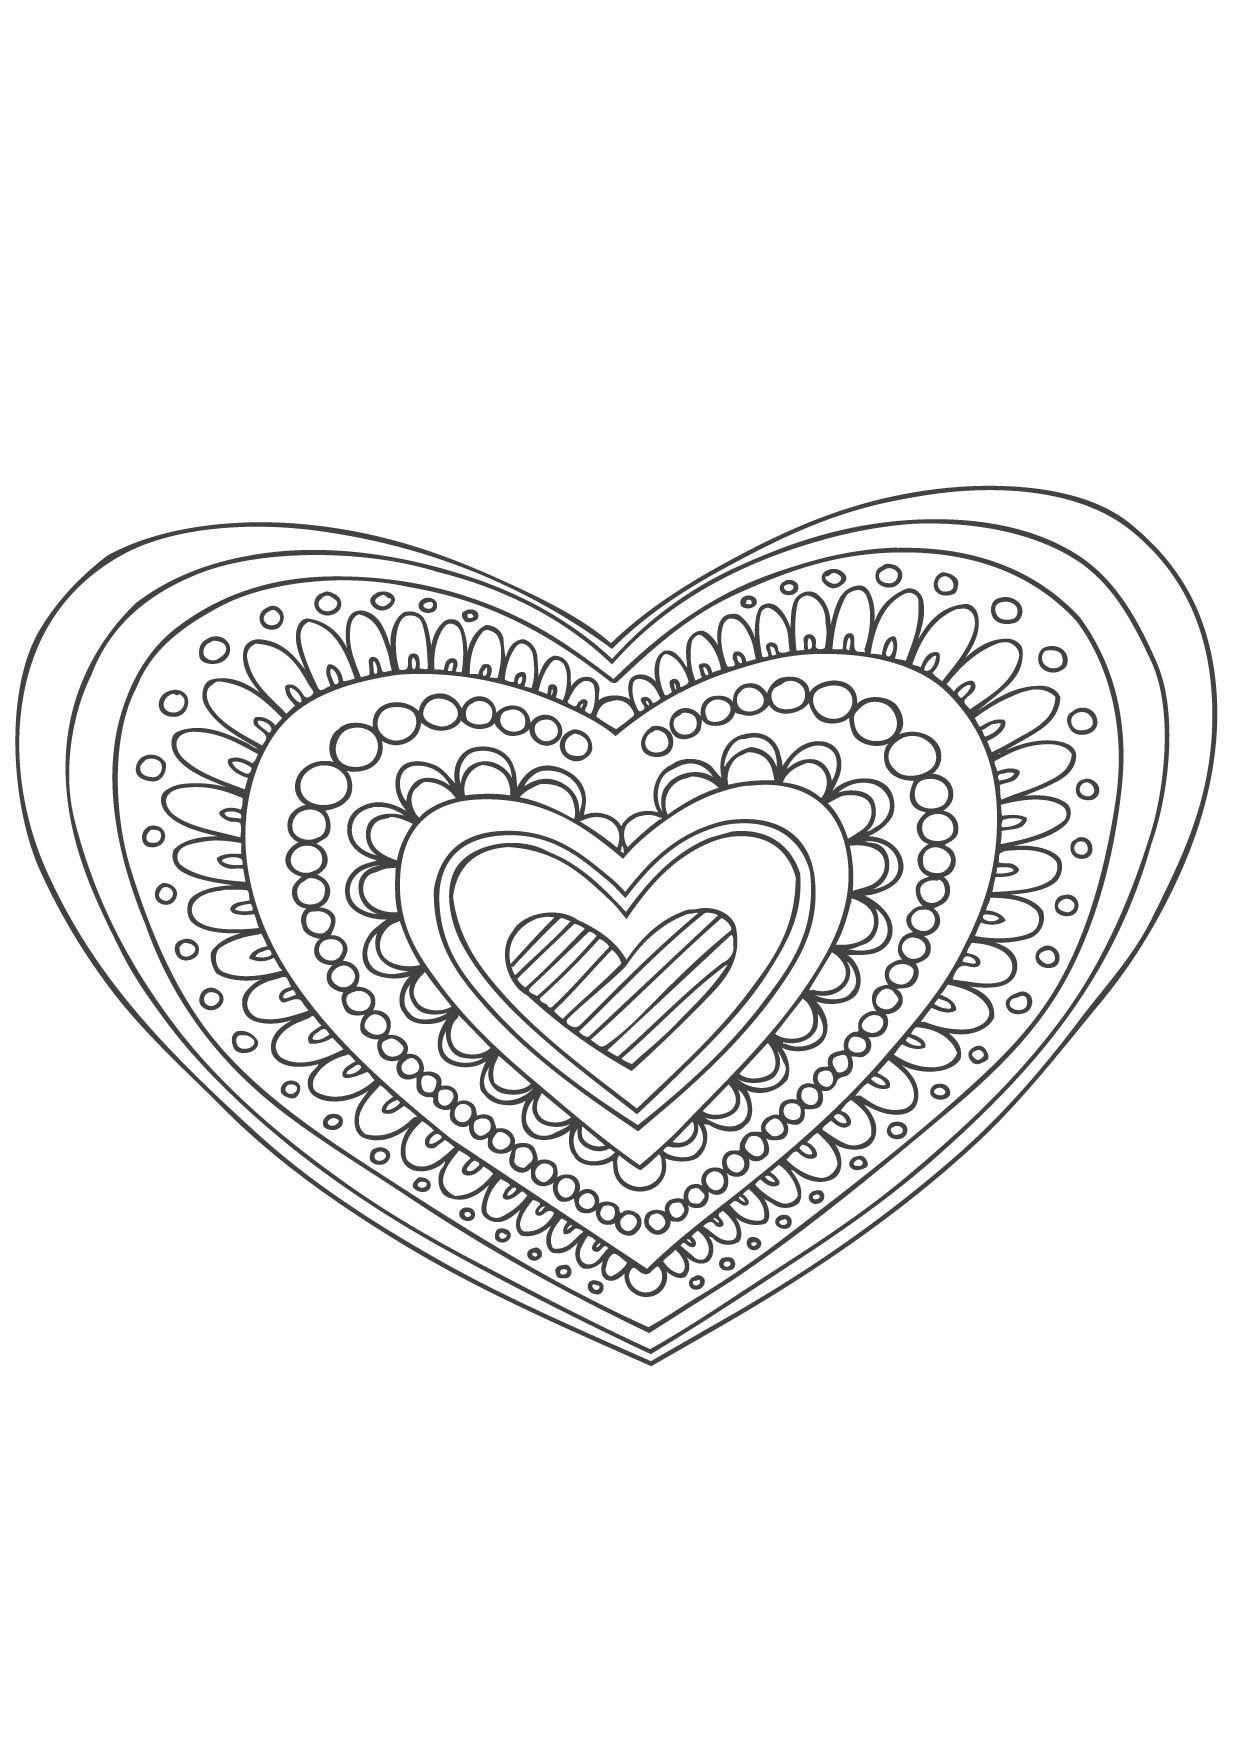 Coloriage Mandala Coeur Coloriage Mandalas Coloriages Chiffres Et Formes